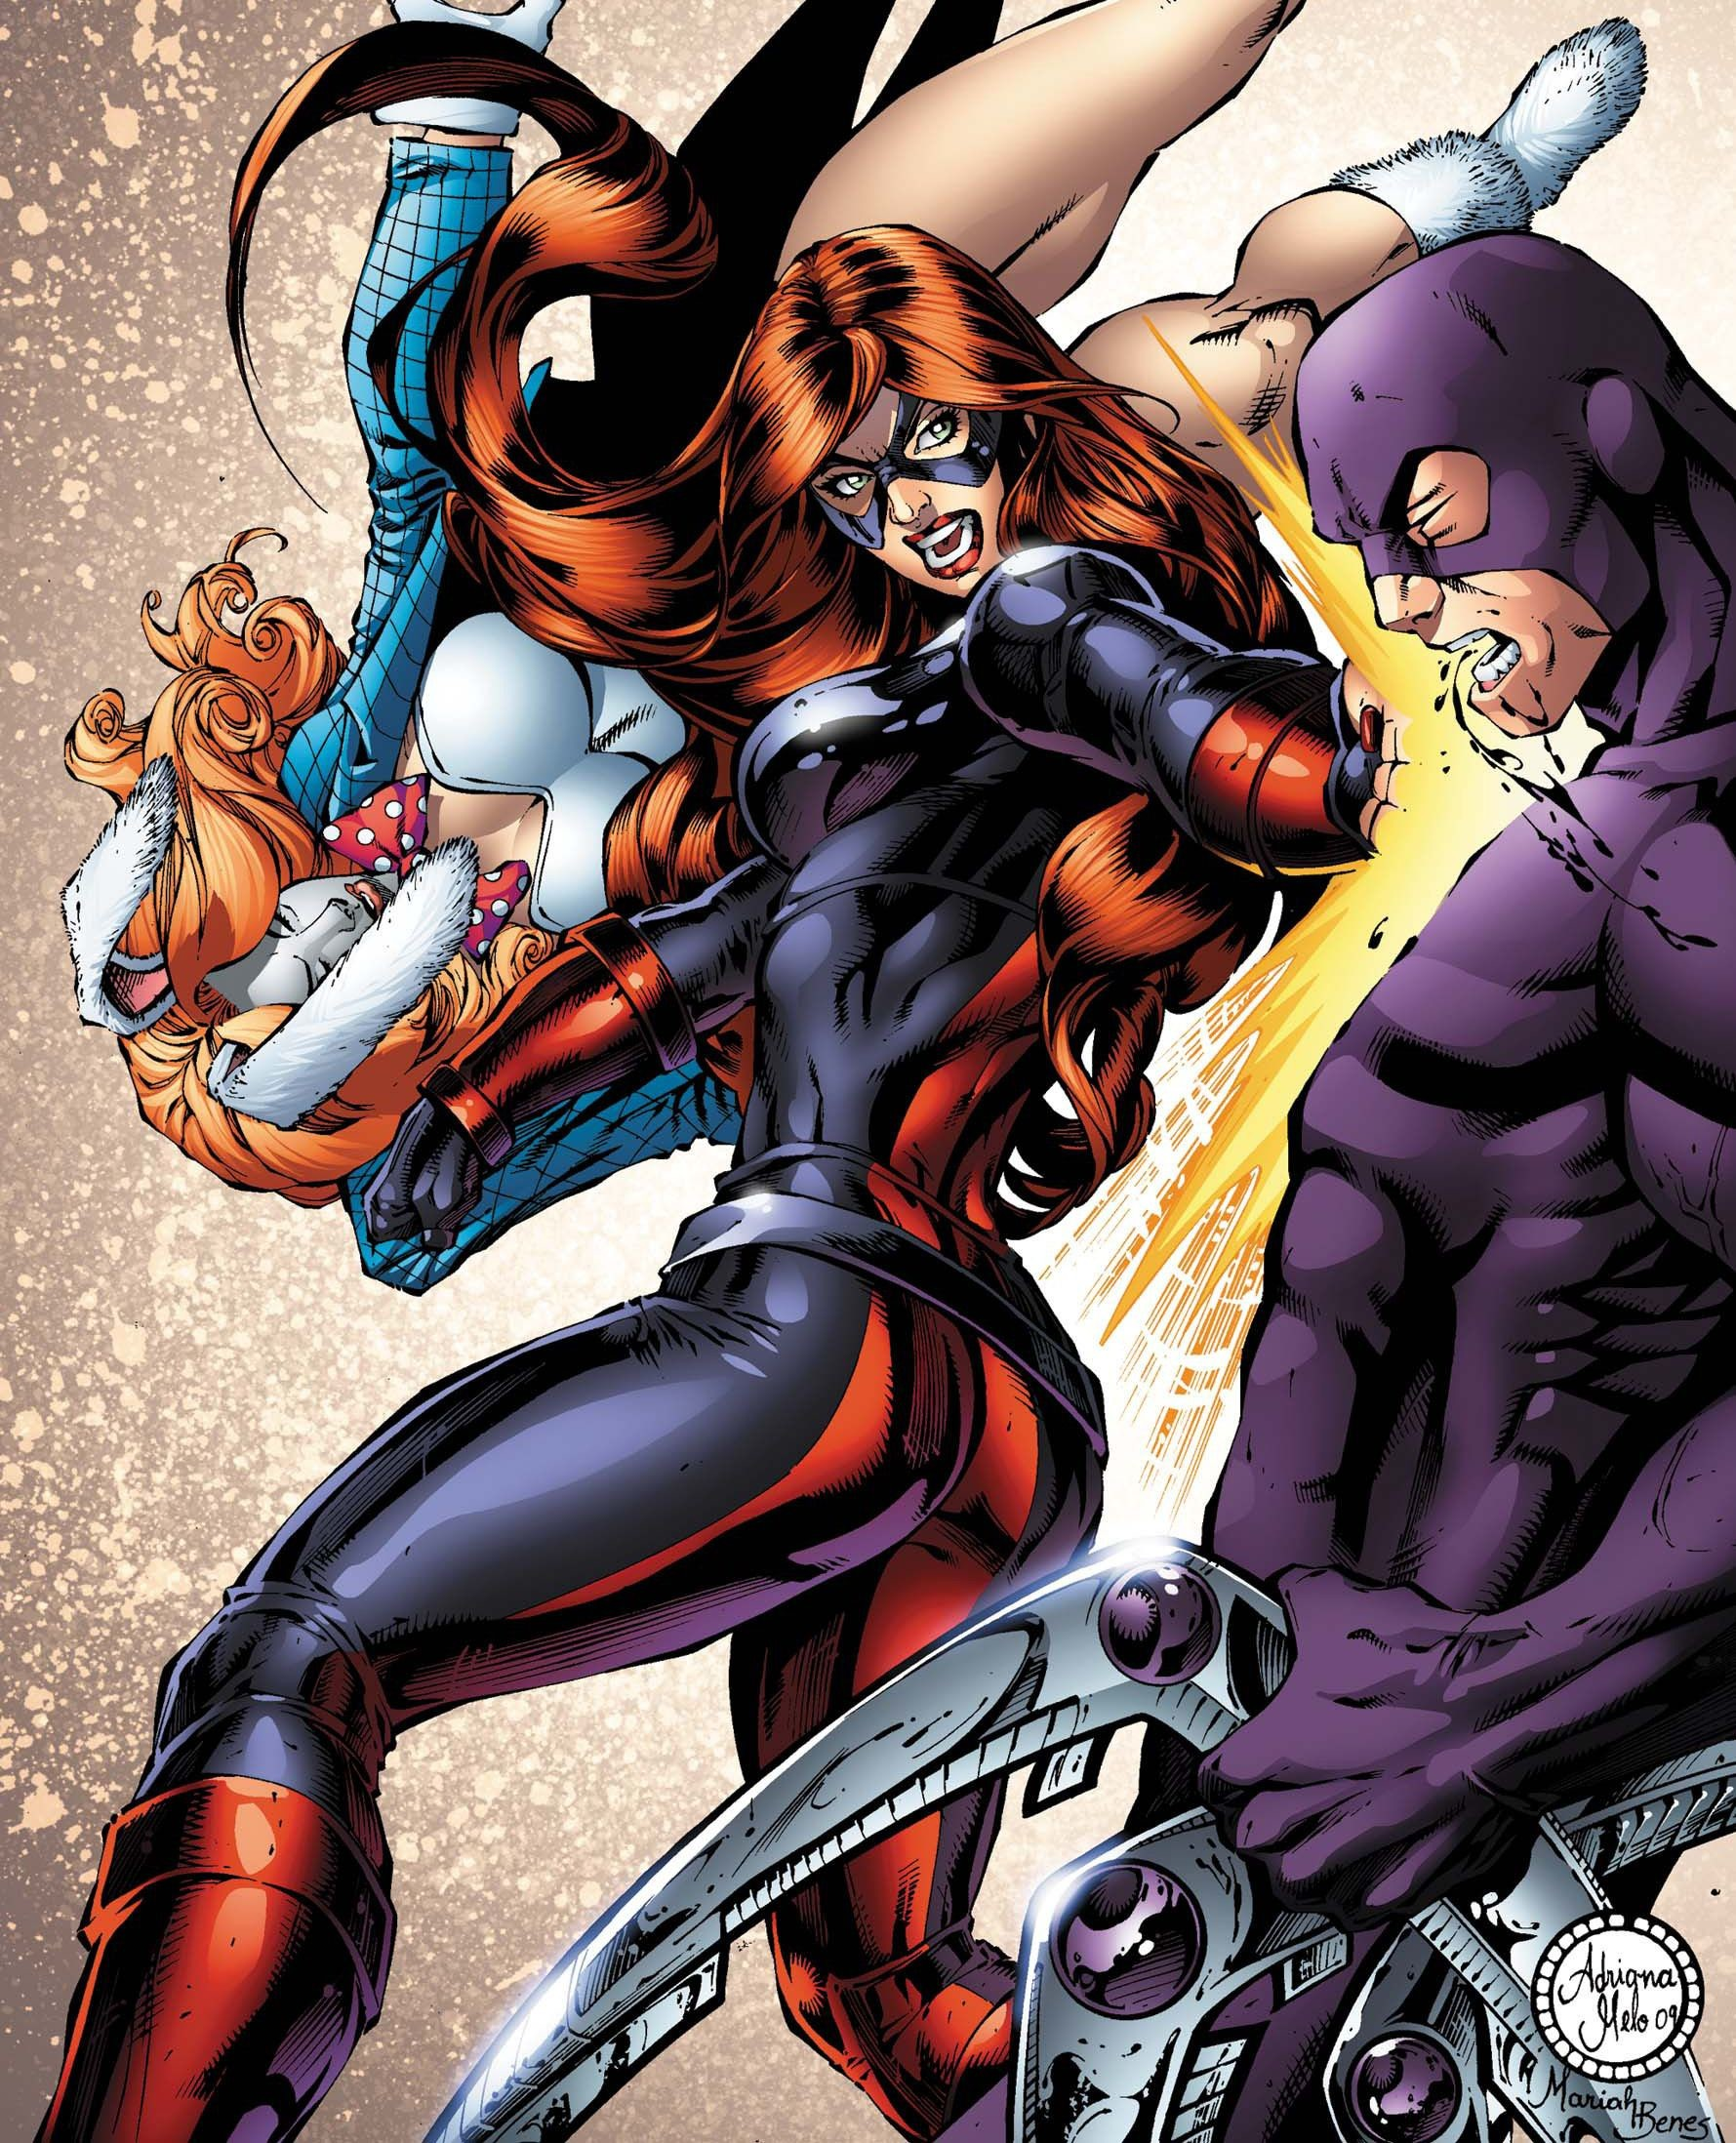 Res: 1779x2196, Hot Marvel Girls Wallpaper | comic-girl-marvel-comics-11355117-1779